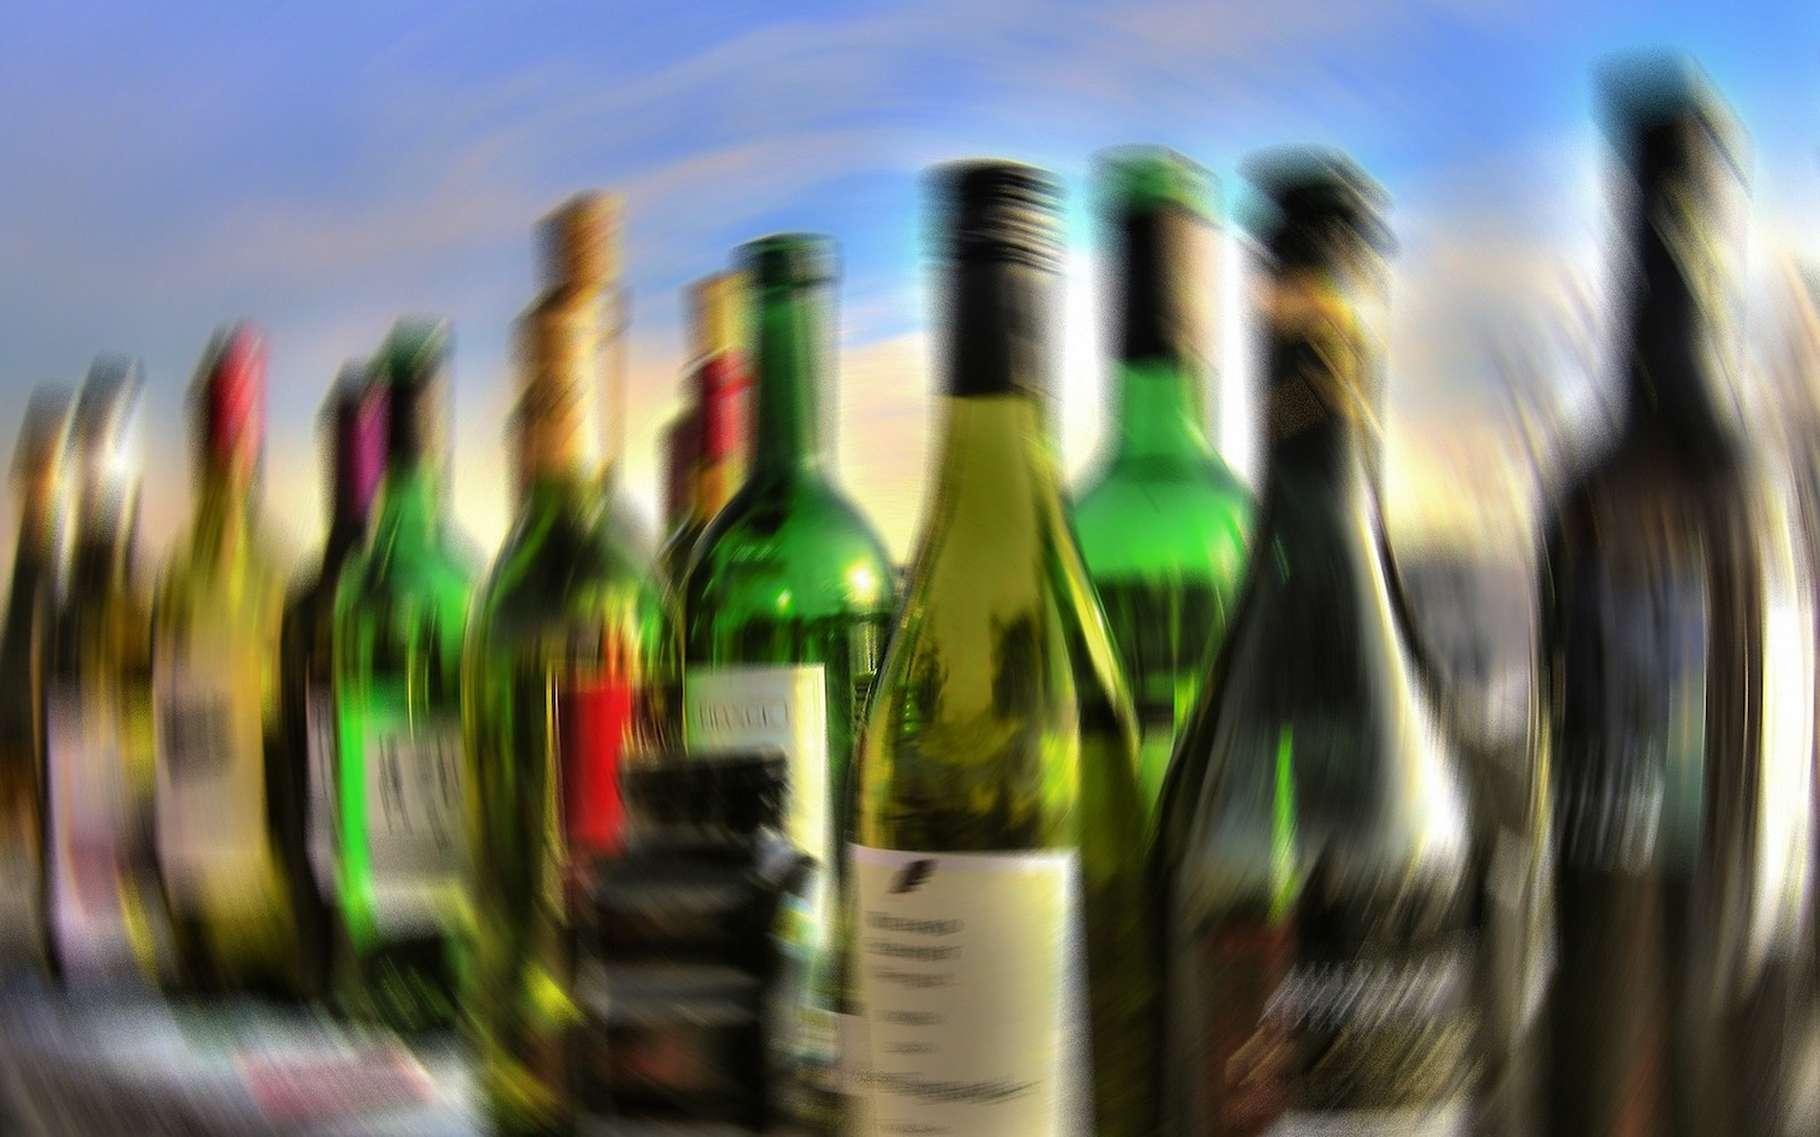 Des chercheurs ont analysé les décors de bouteilles en verre et ont découvert dans certains, des concentrations de plomb, de cadmium et de chrome qui pourraient s'avérer dangereuses pour la santé et pour l'environnement. © geralt, Pixabay License